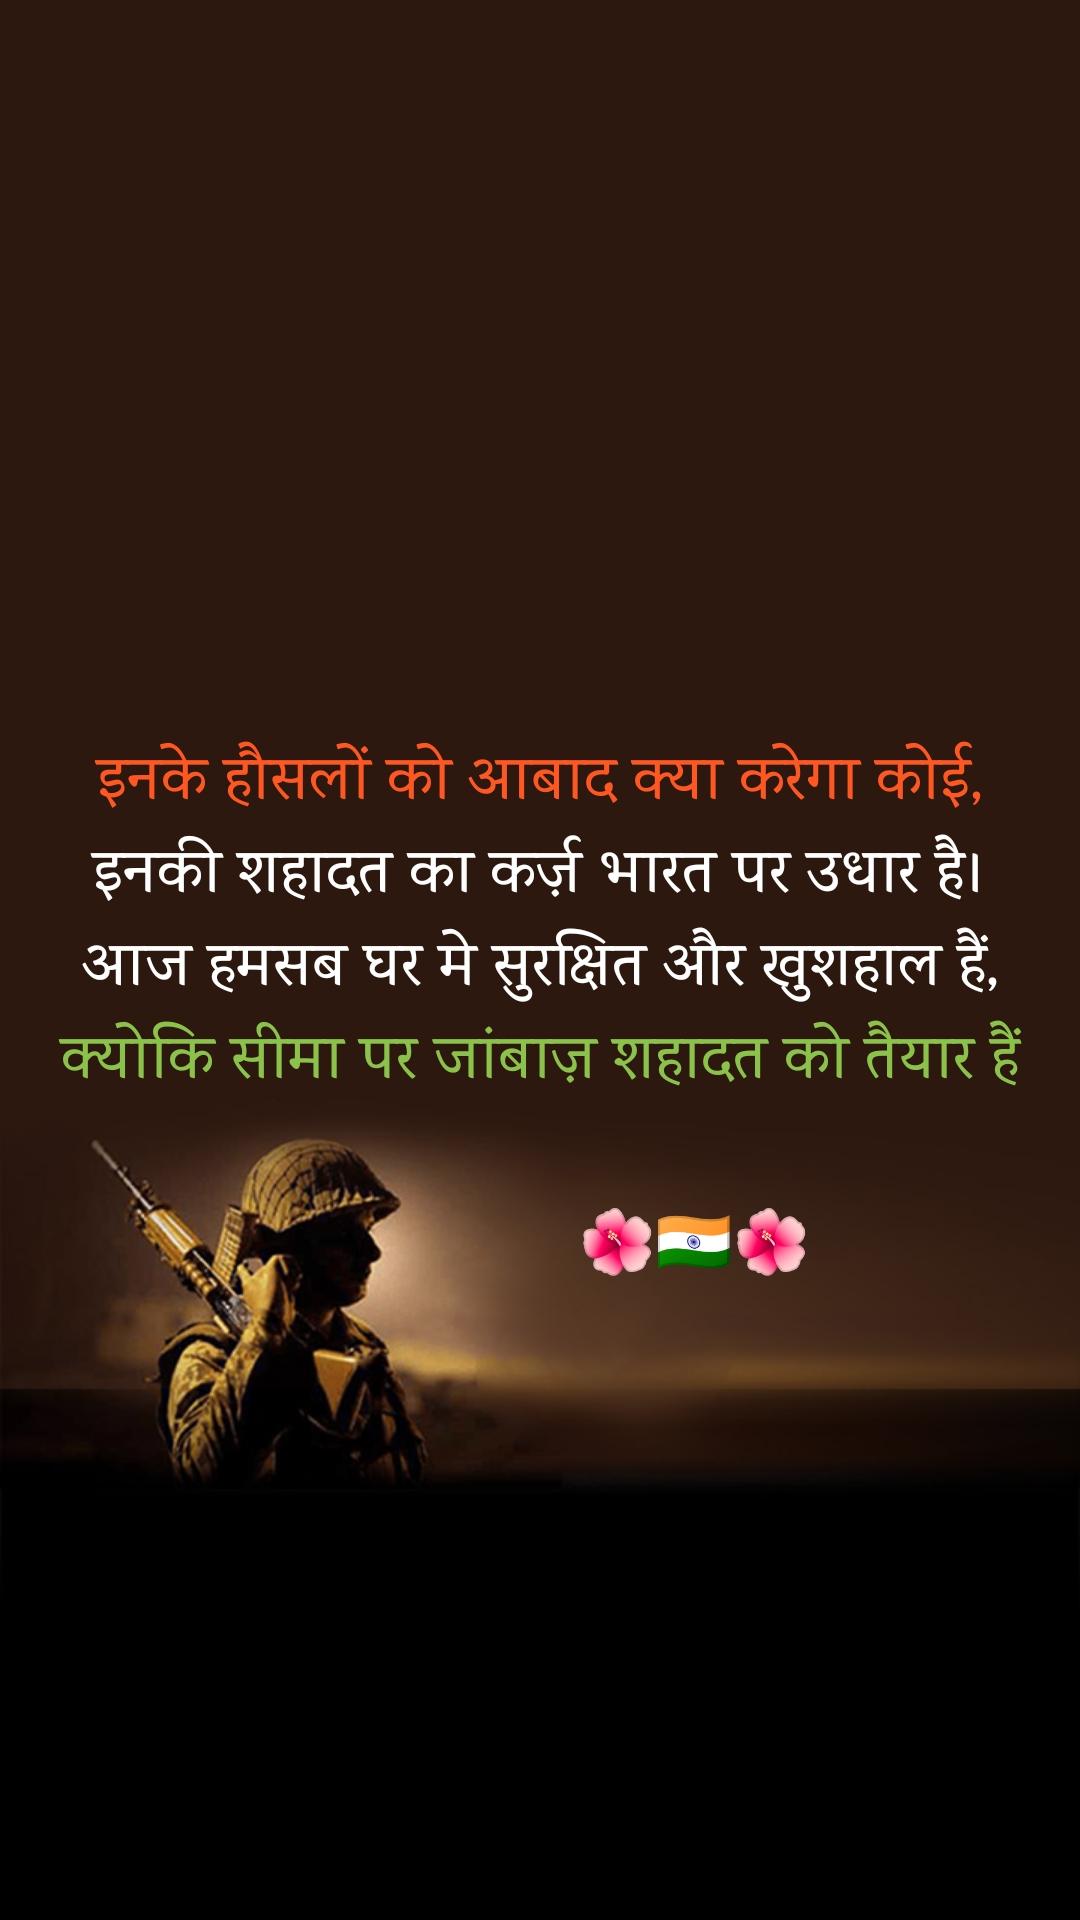 इनके हौसलों को आबाद क्या करेगा कोई, इनकी शहादत का कर्ज़ भारत पर उधार है। आज हमसब घर मे सुरक्षित और खुशहाल हैं, क्योकि सीमा पर जांबाज़ शहादत को तैयार हैं                    🌺🇮🇳🌺